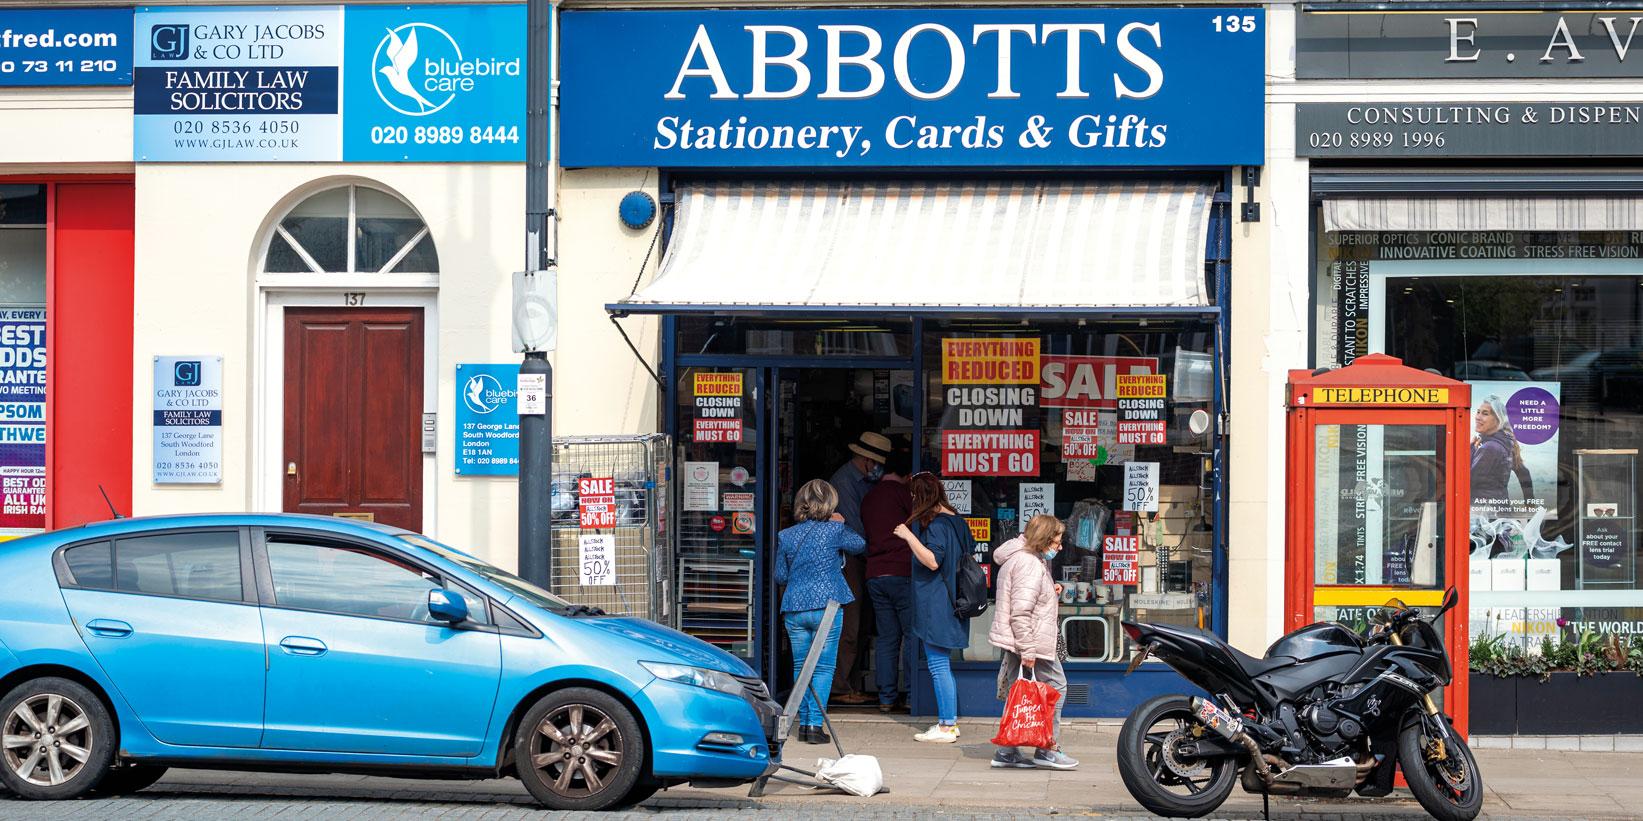 Abbotts-1